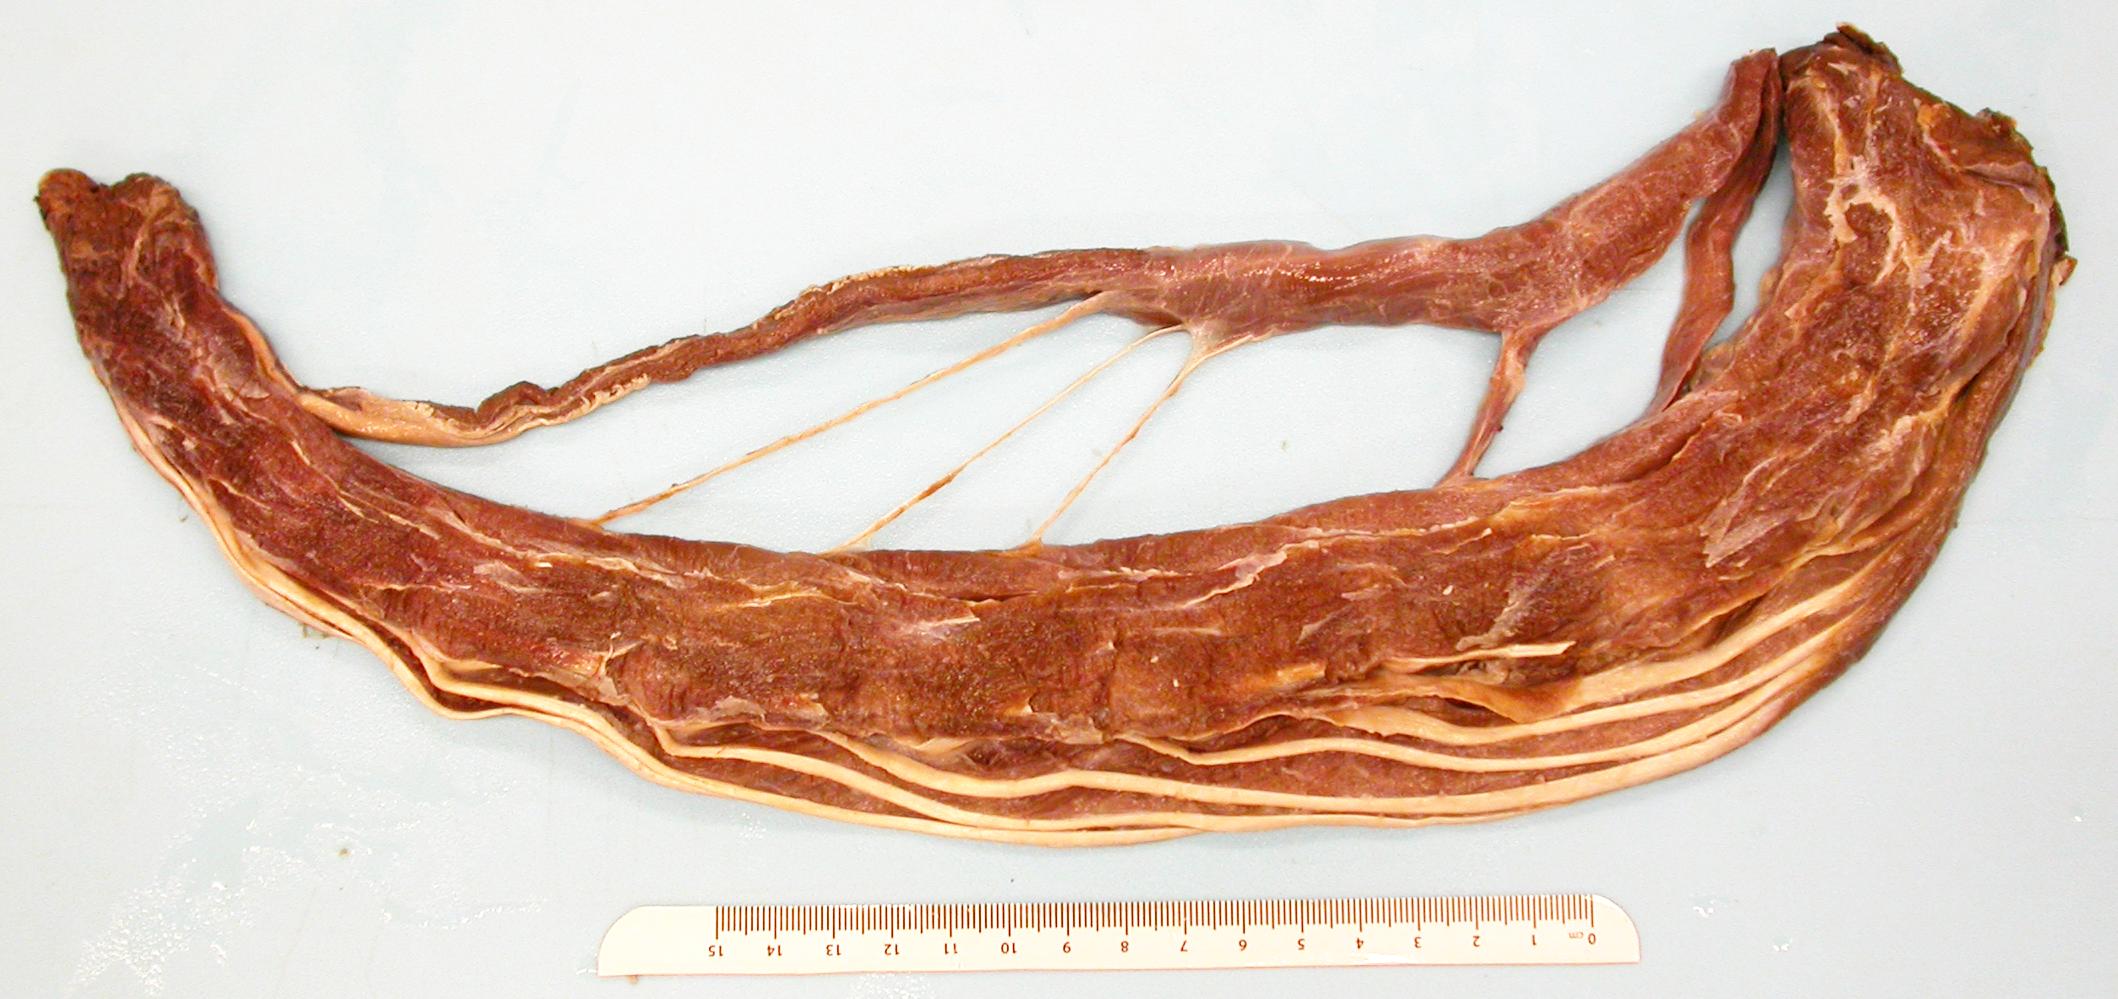 Rhea neck muscles fanned - full